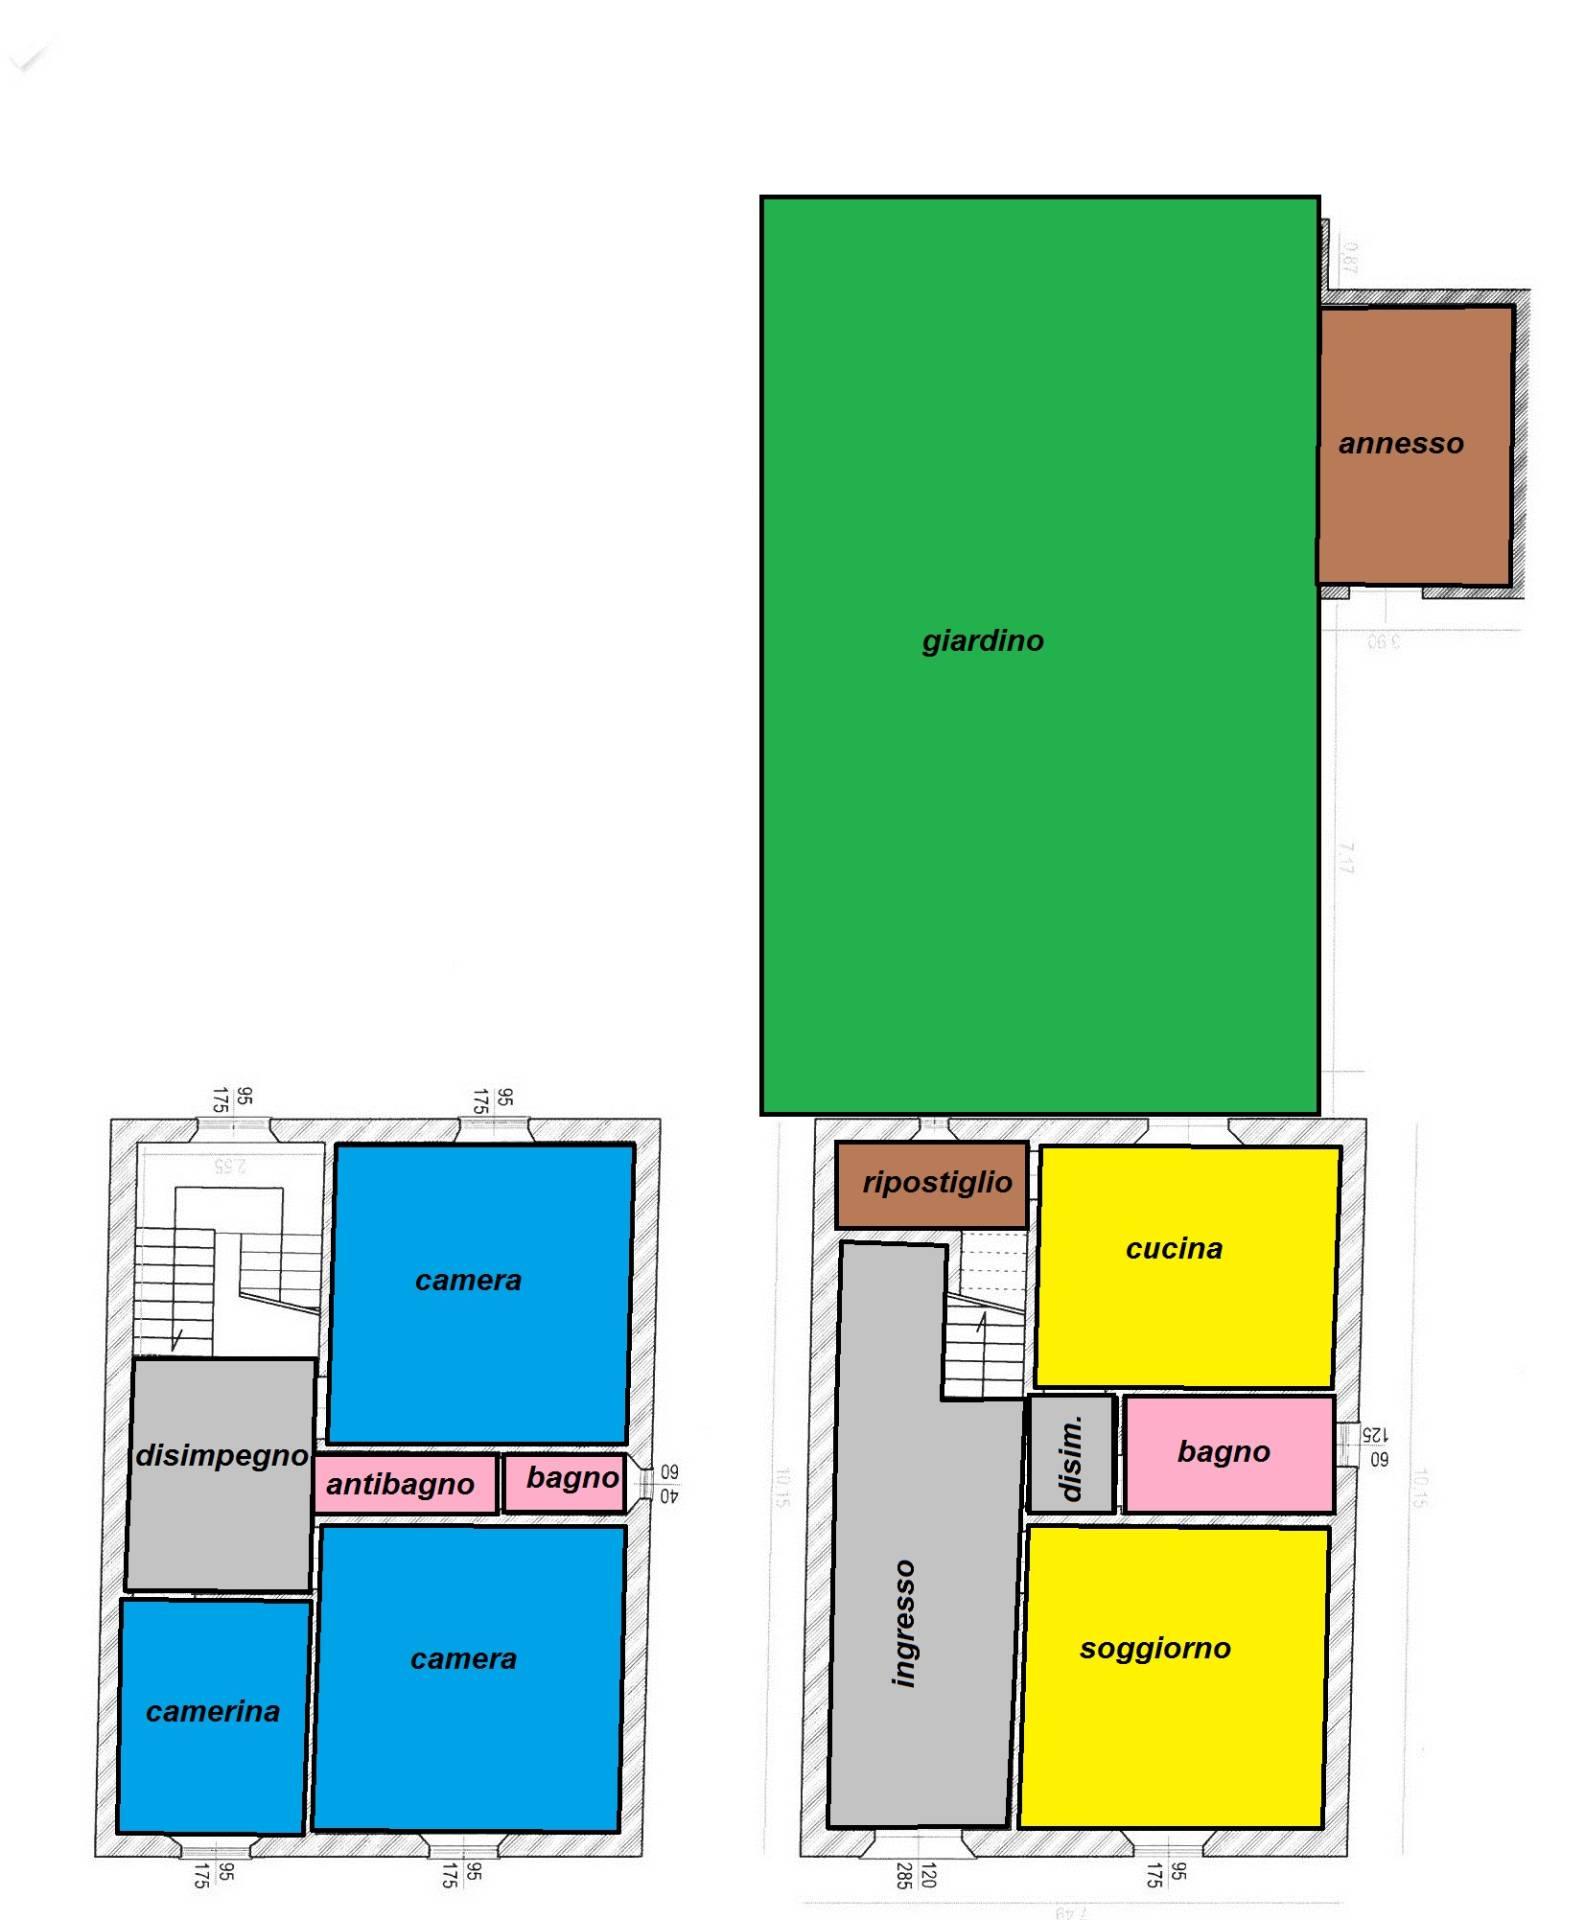 Villa in vendita a Cascina, 5 locali, zona Zona: Visignano, prezzo € 320.000 | Cambio Casa.it